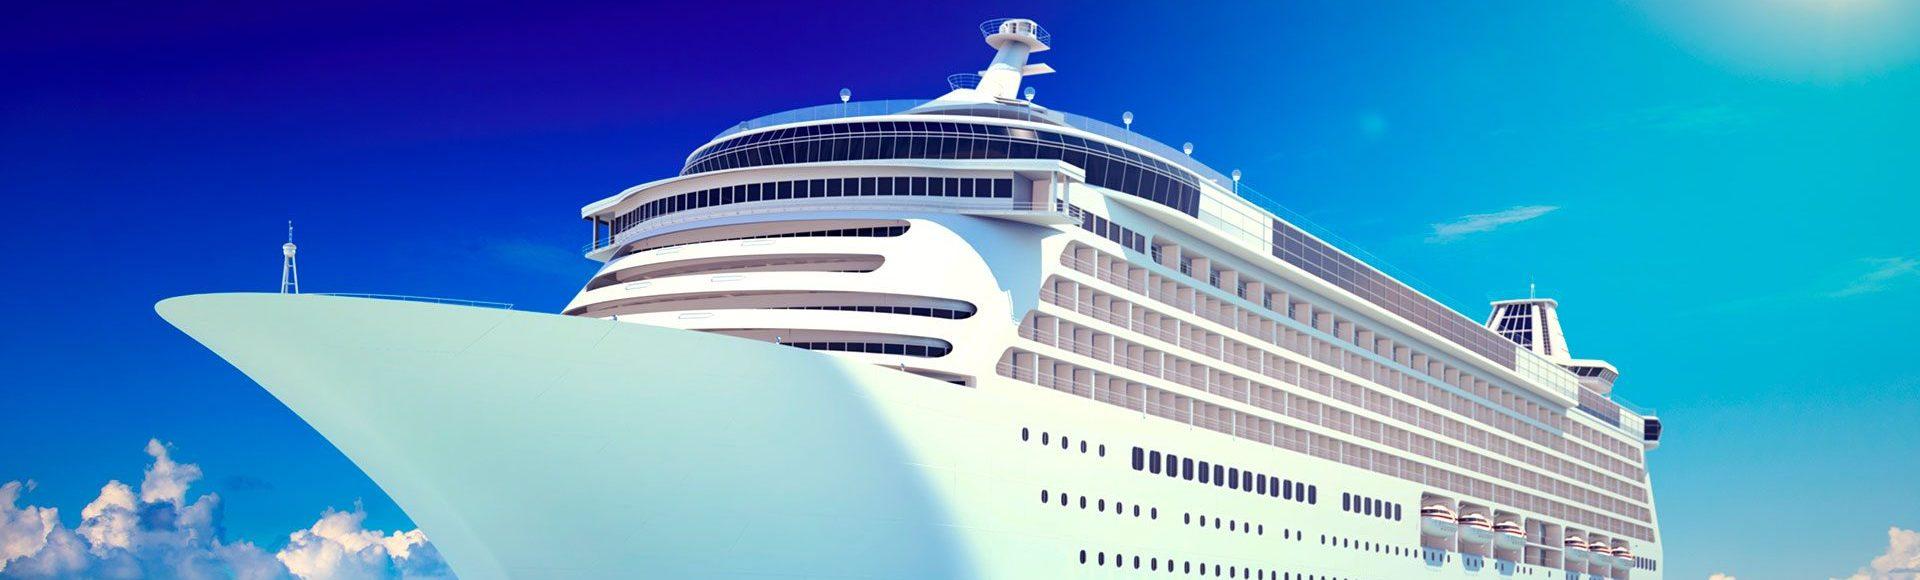 crucero vacaciones